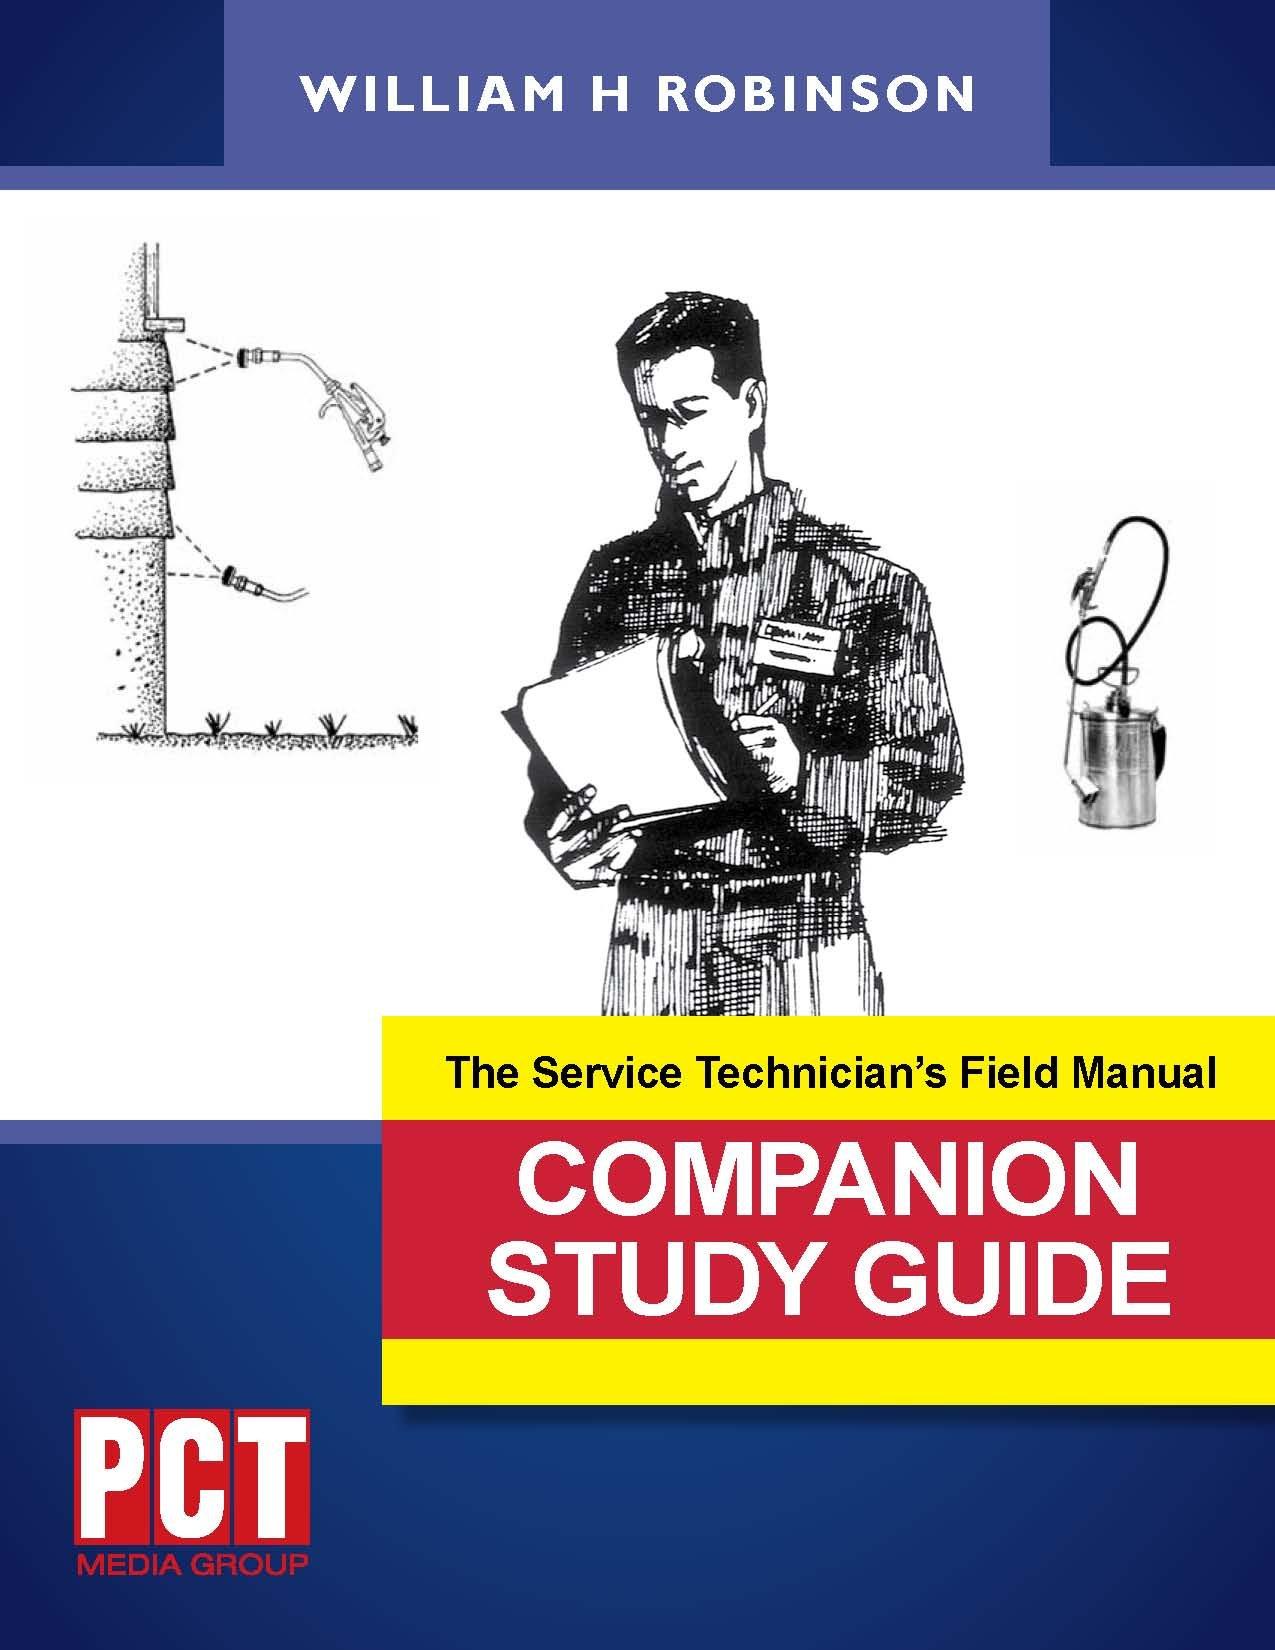 The service technician's field manual companion study guide.